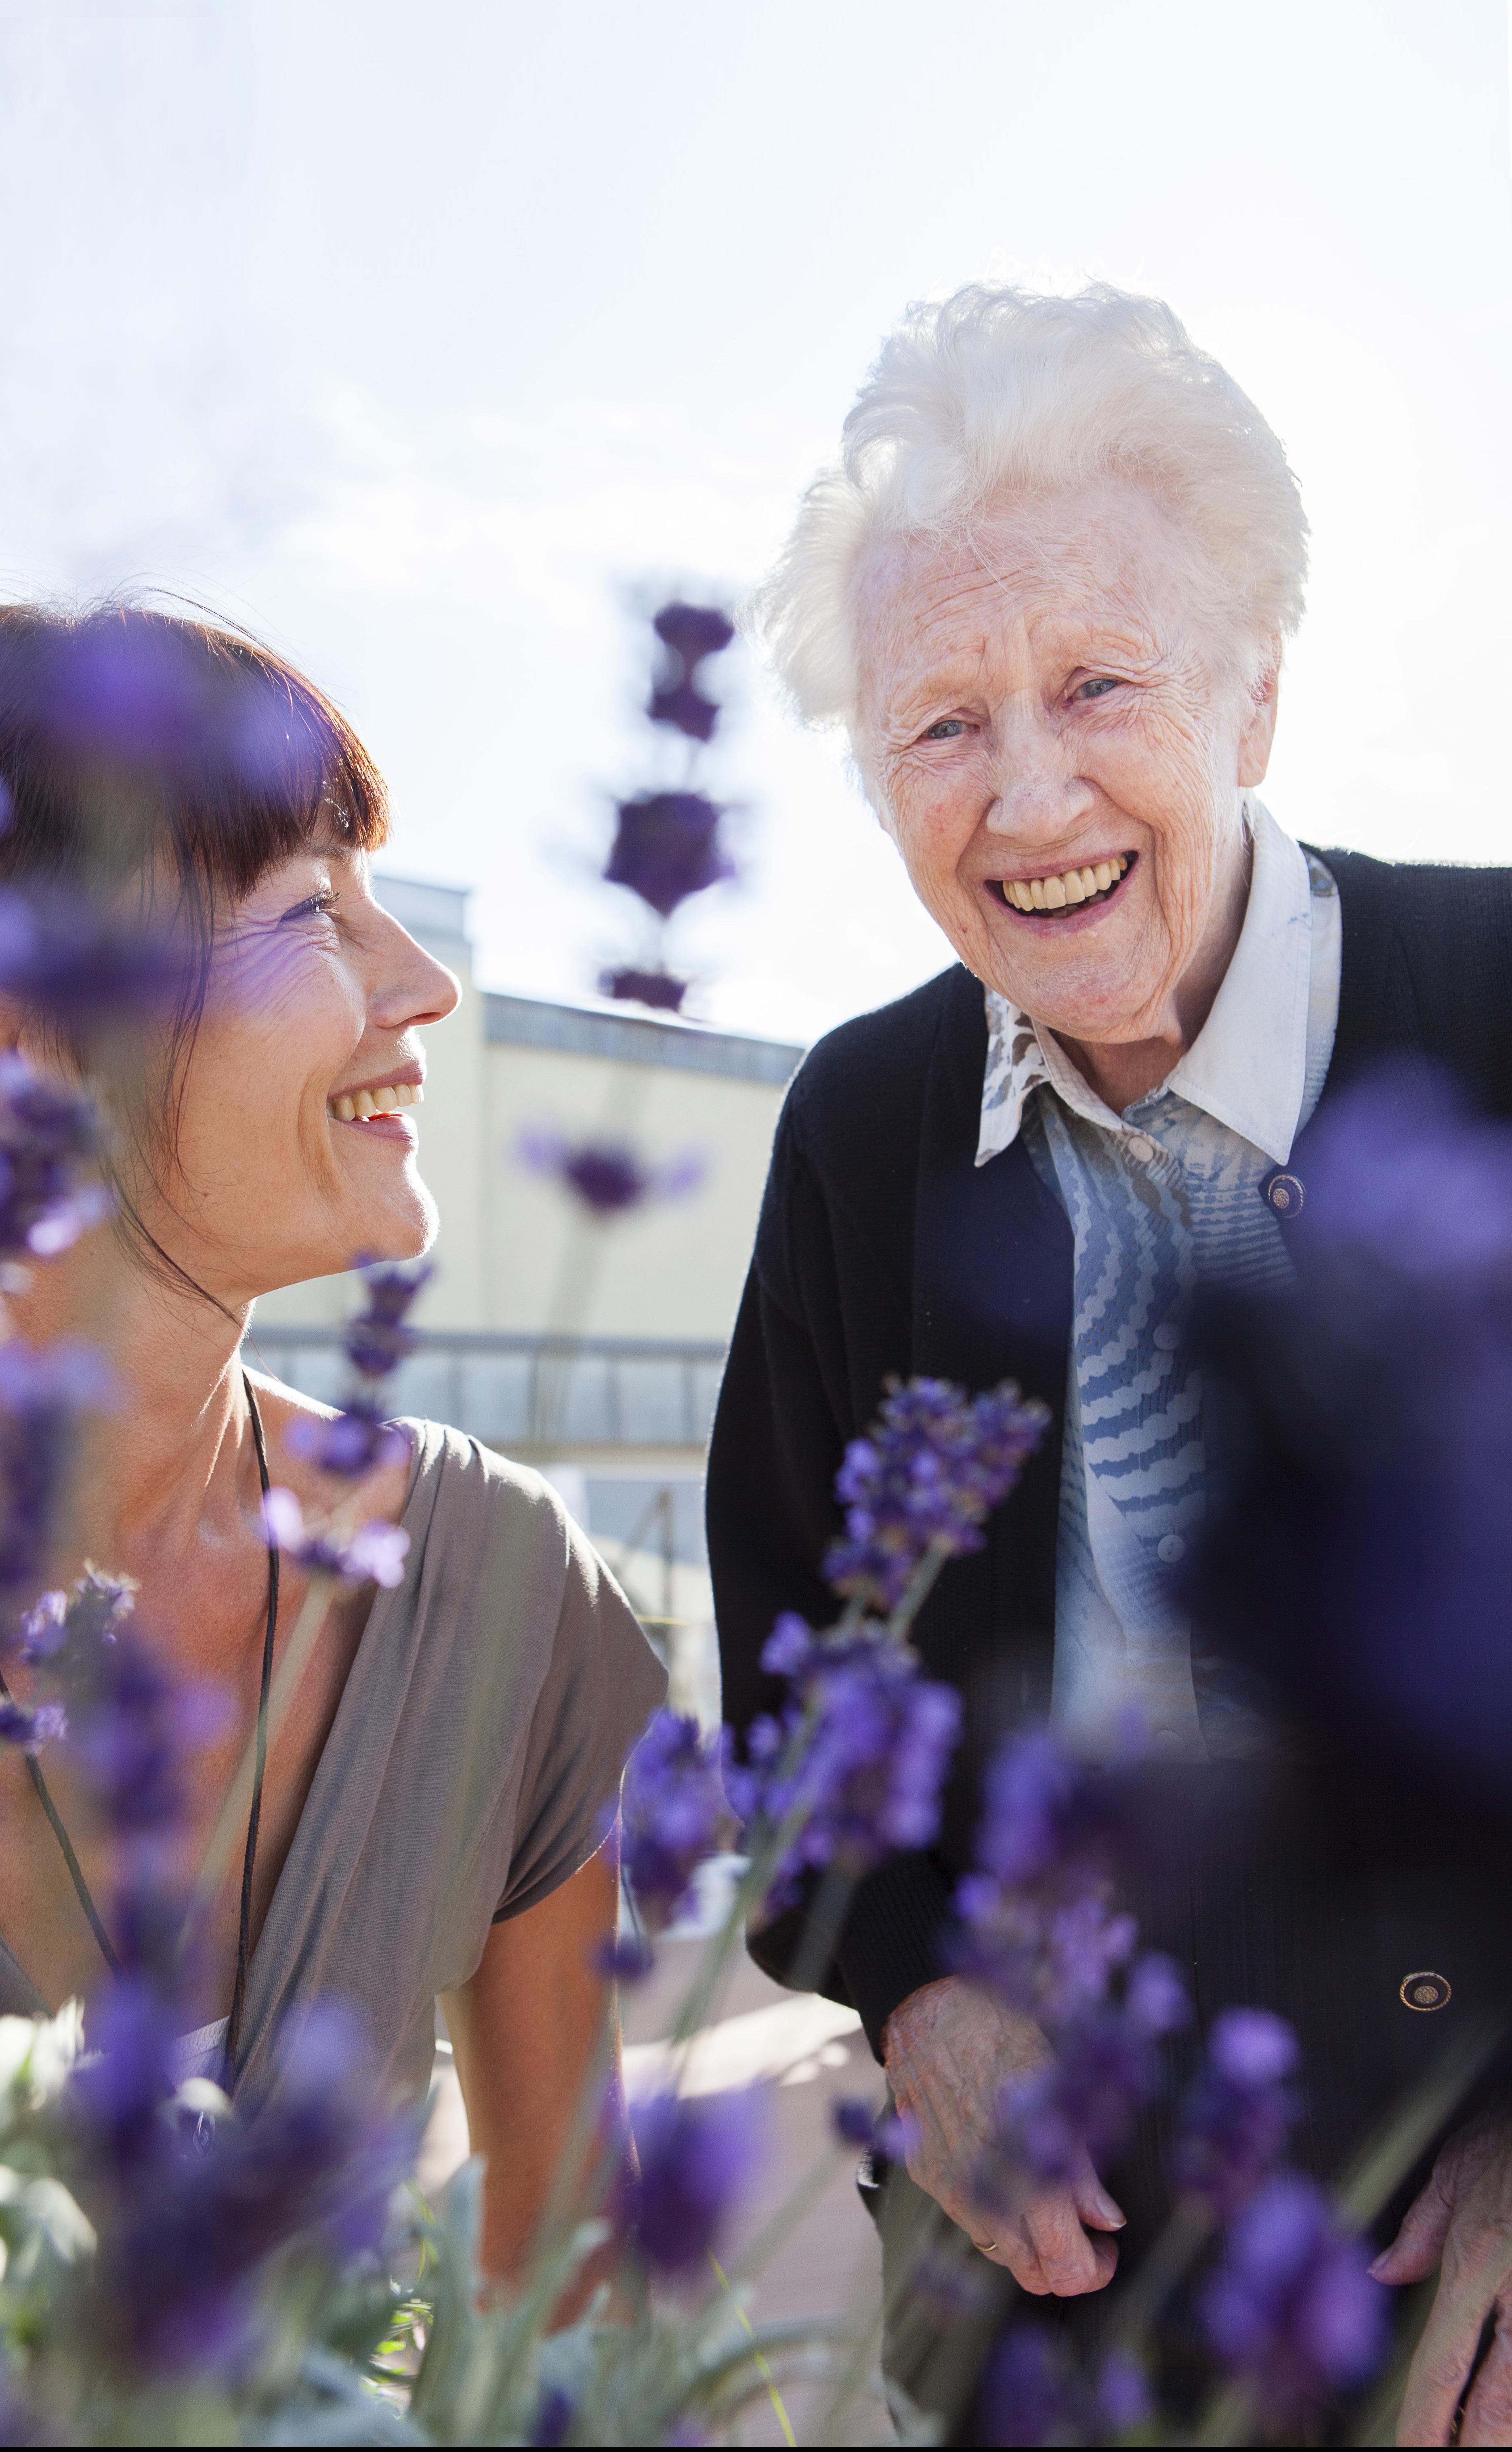 Demenz.begeistert – ein Projekt des AKF